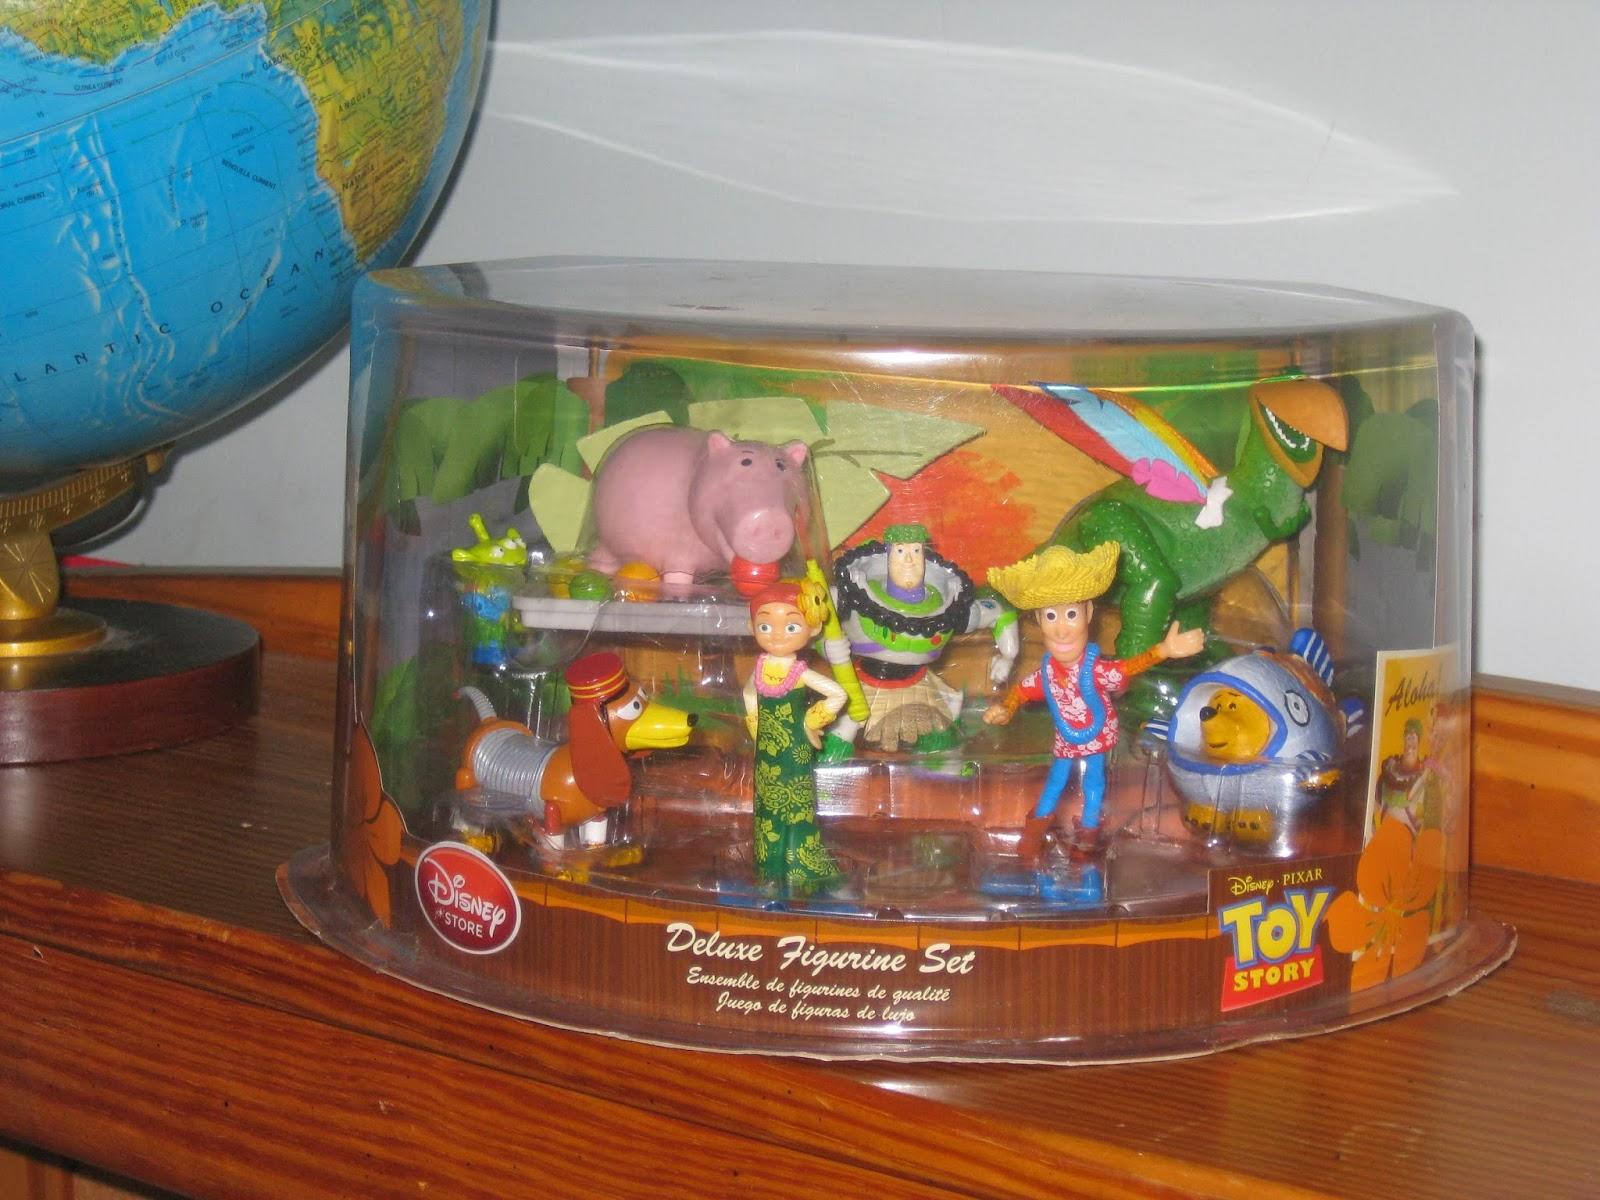 Disney Store Toys : Dan the pixar fan hawaiian vacation disney store figure set